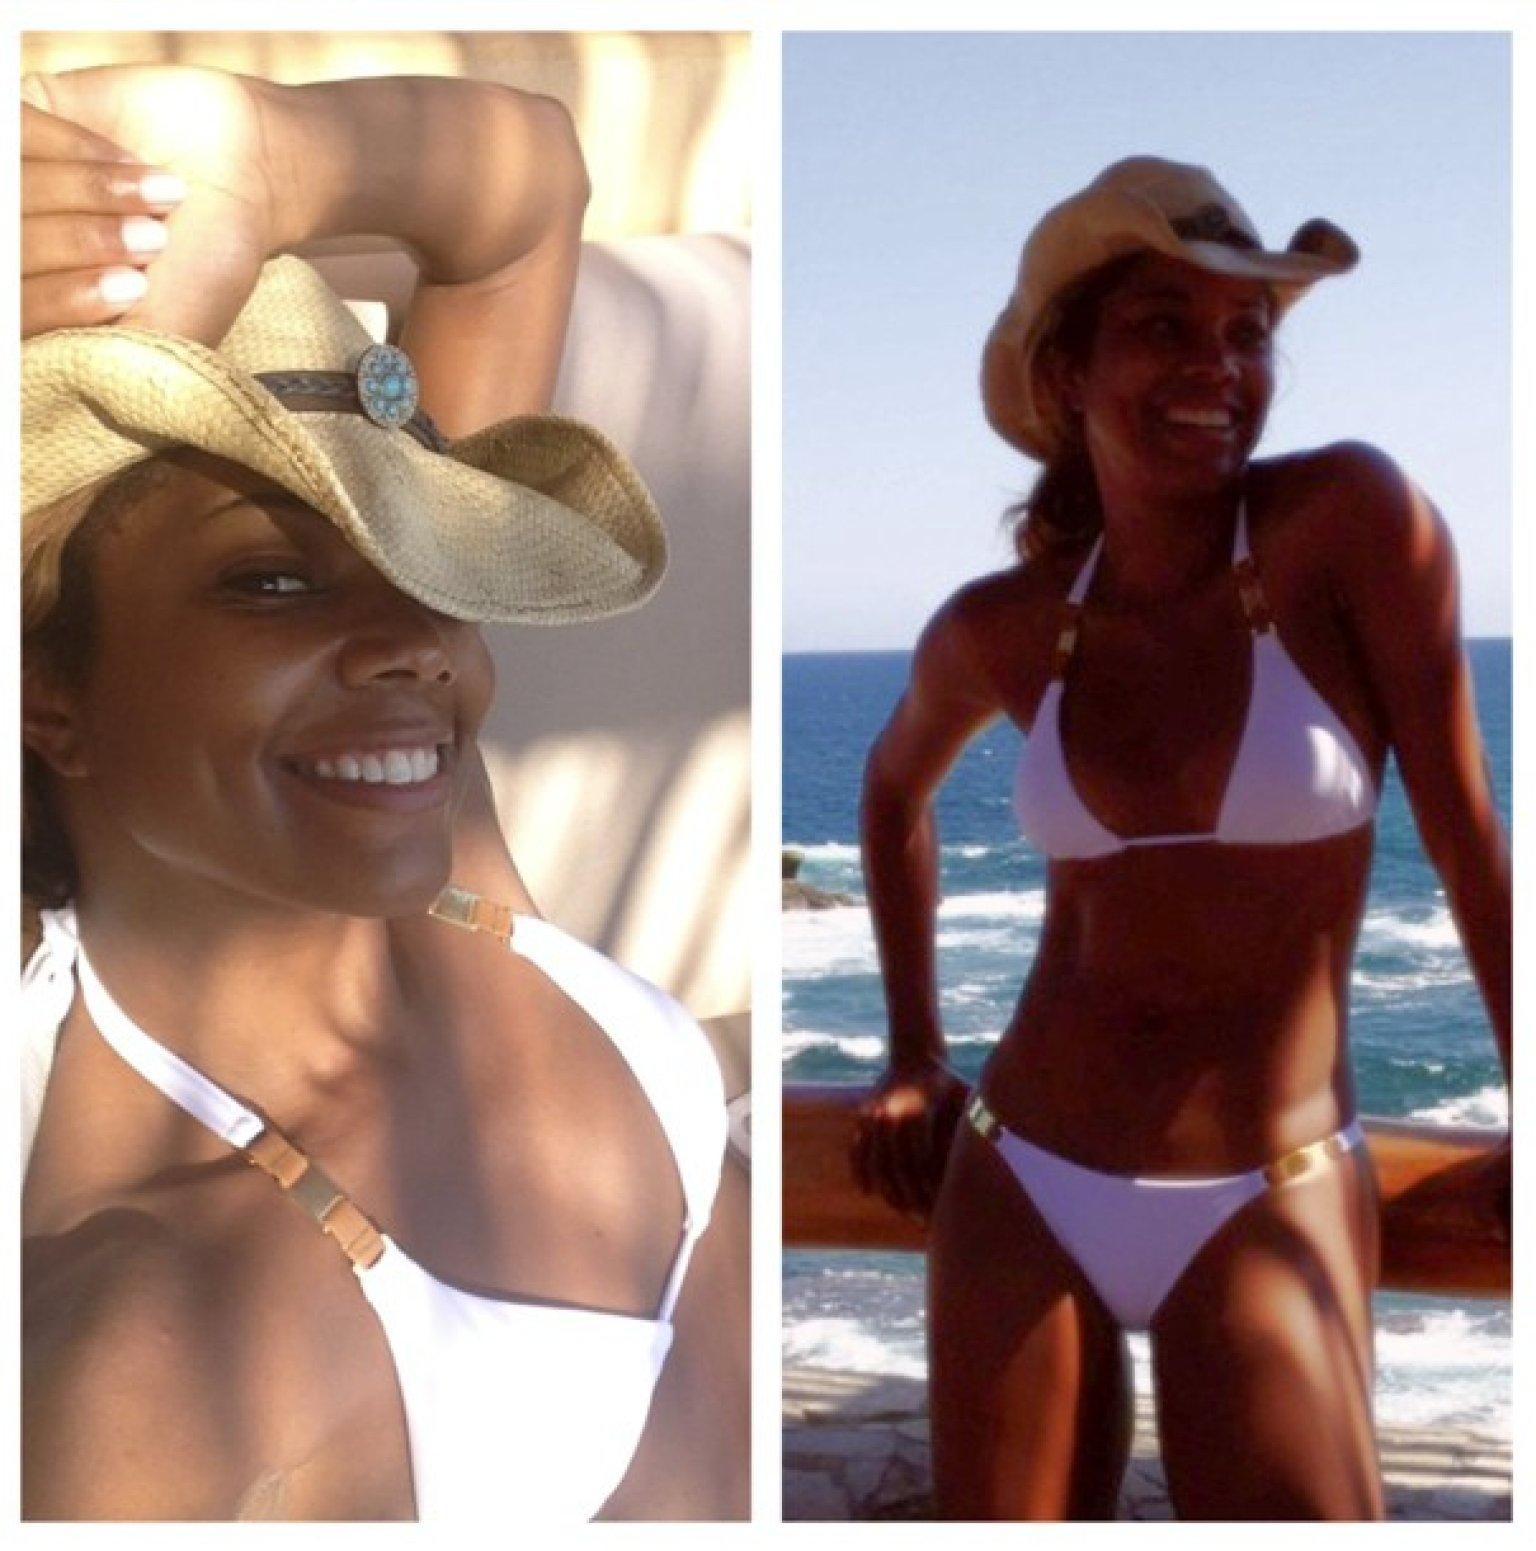 Jacky Joy! gabrielle union bikini pictures white